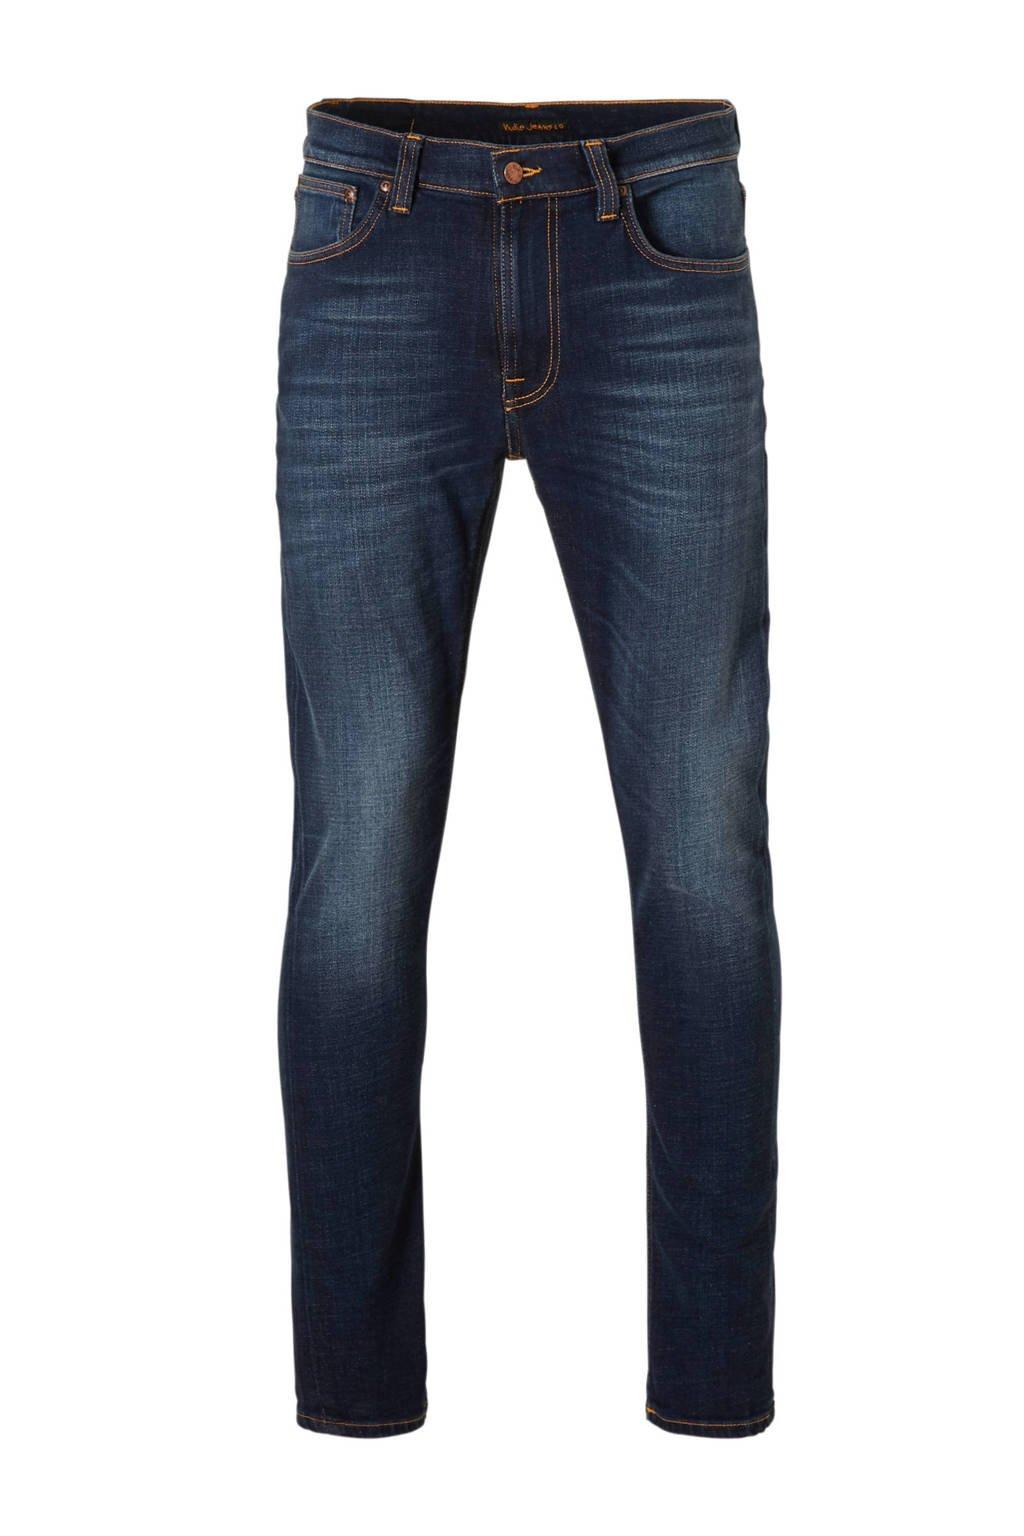 Nudie Jeans regular fit jeans Lean Dean, Dark denim